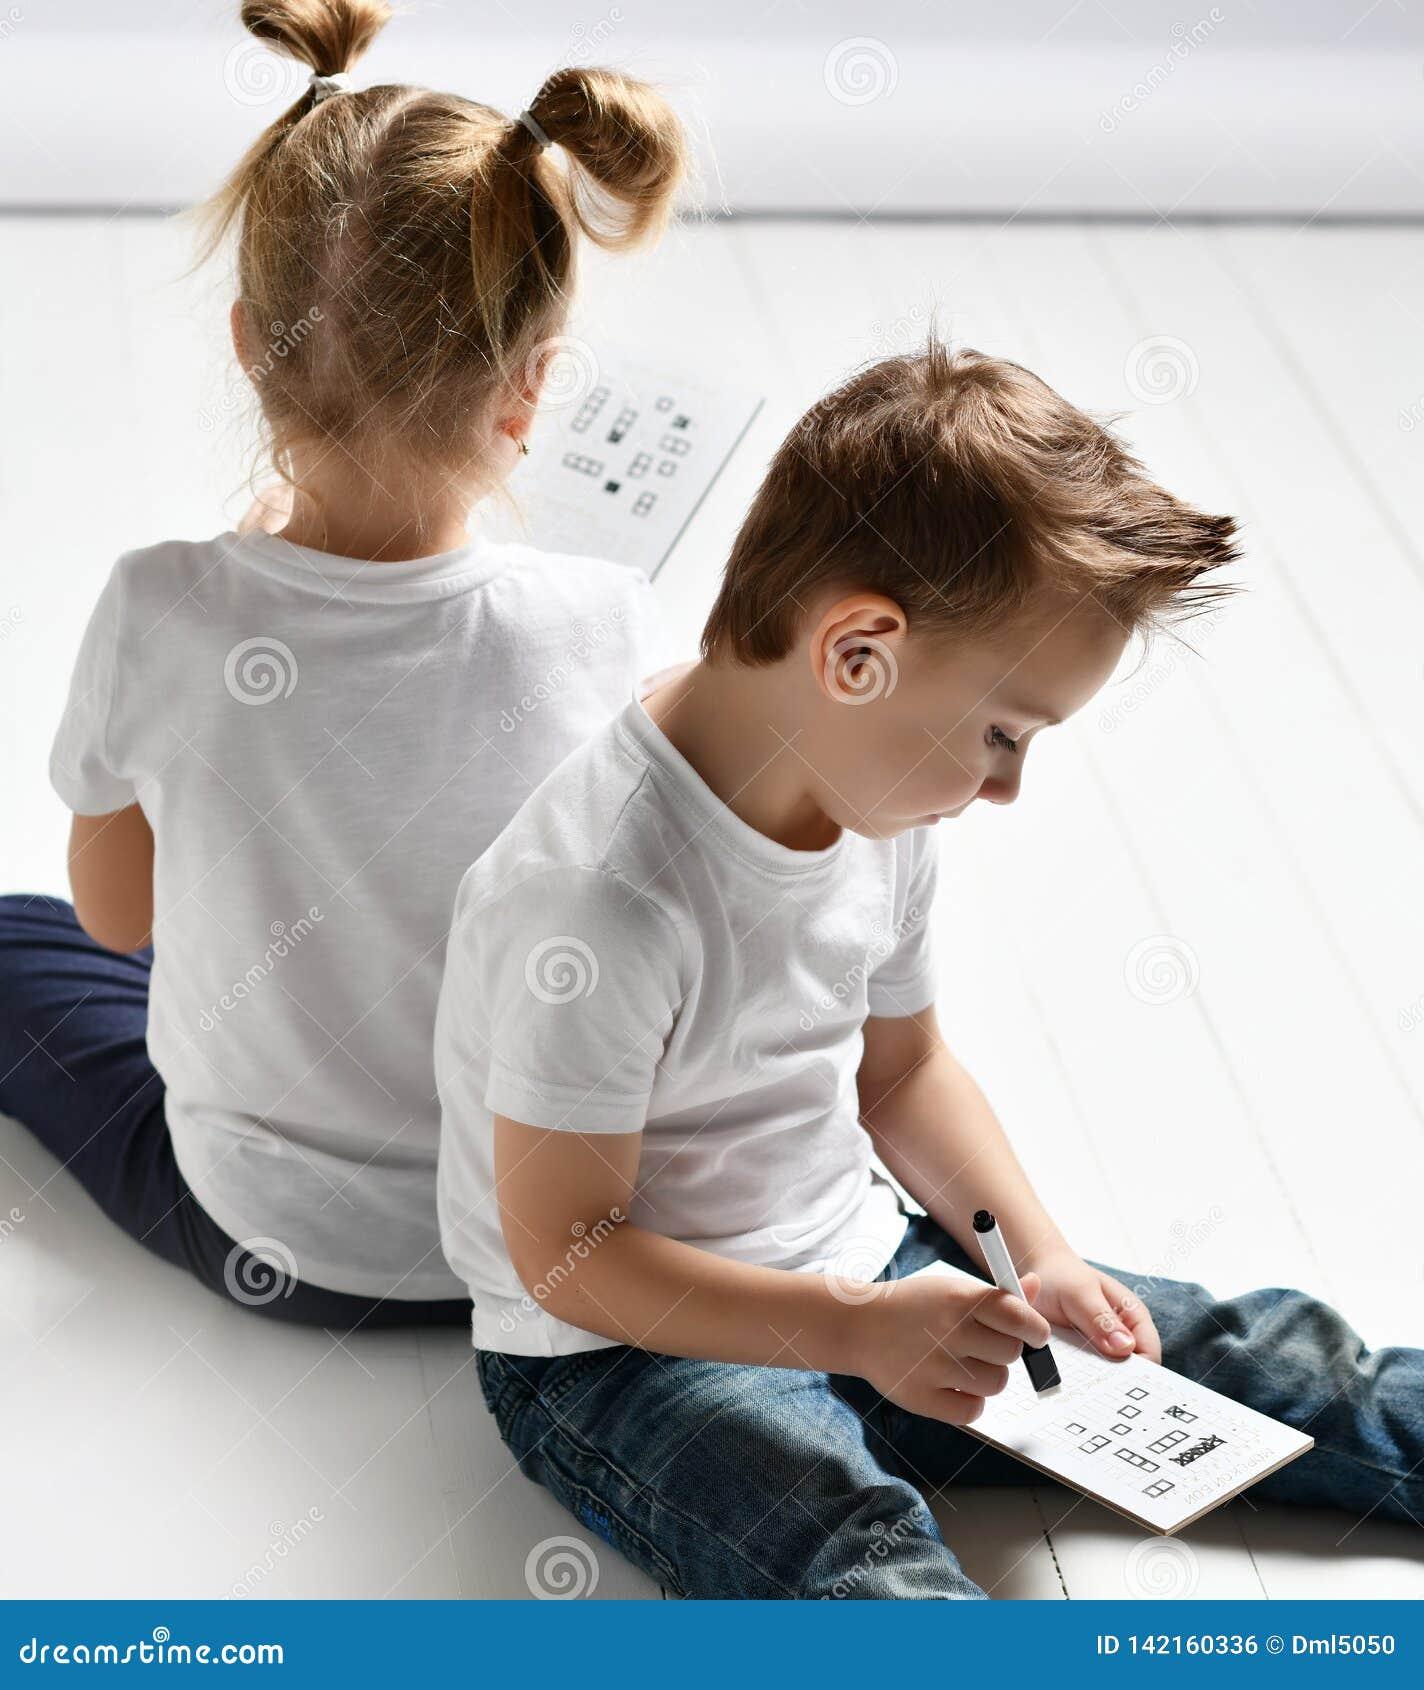 Το αγόρι και το κορίτσι δύο παιδιών στις άσπρα μπλούζες και το τζιν παντελόνι κάθονται το ένα κοντά στο άλλο και παίζουν το θωρηκ